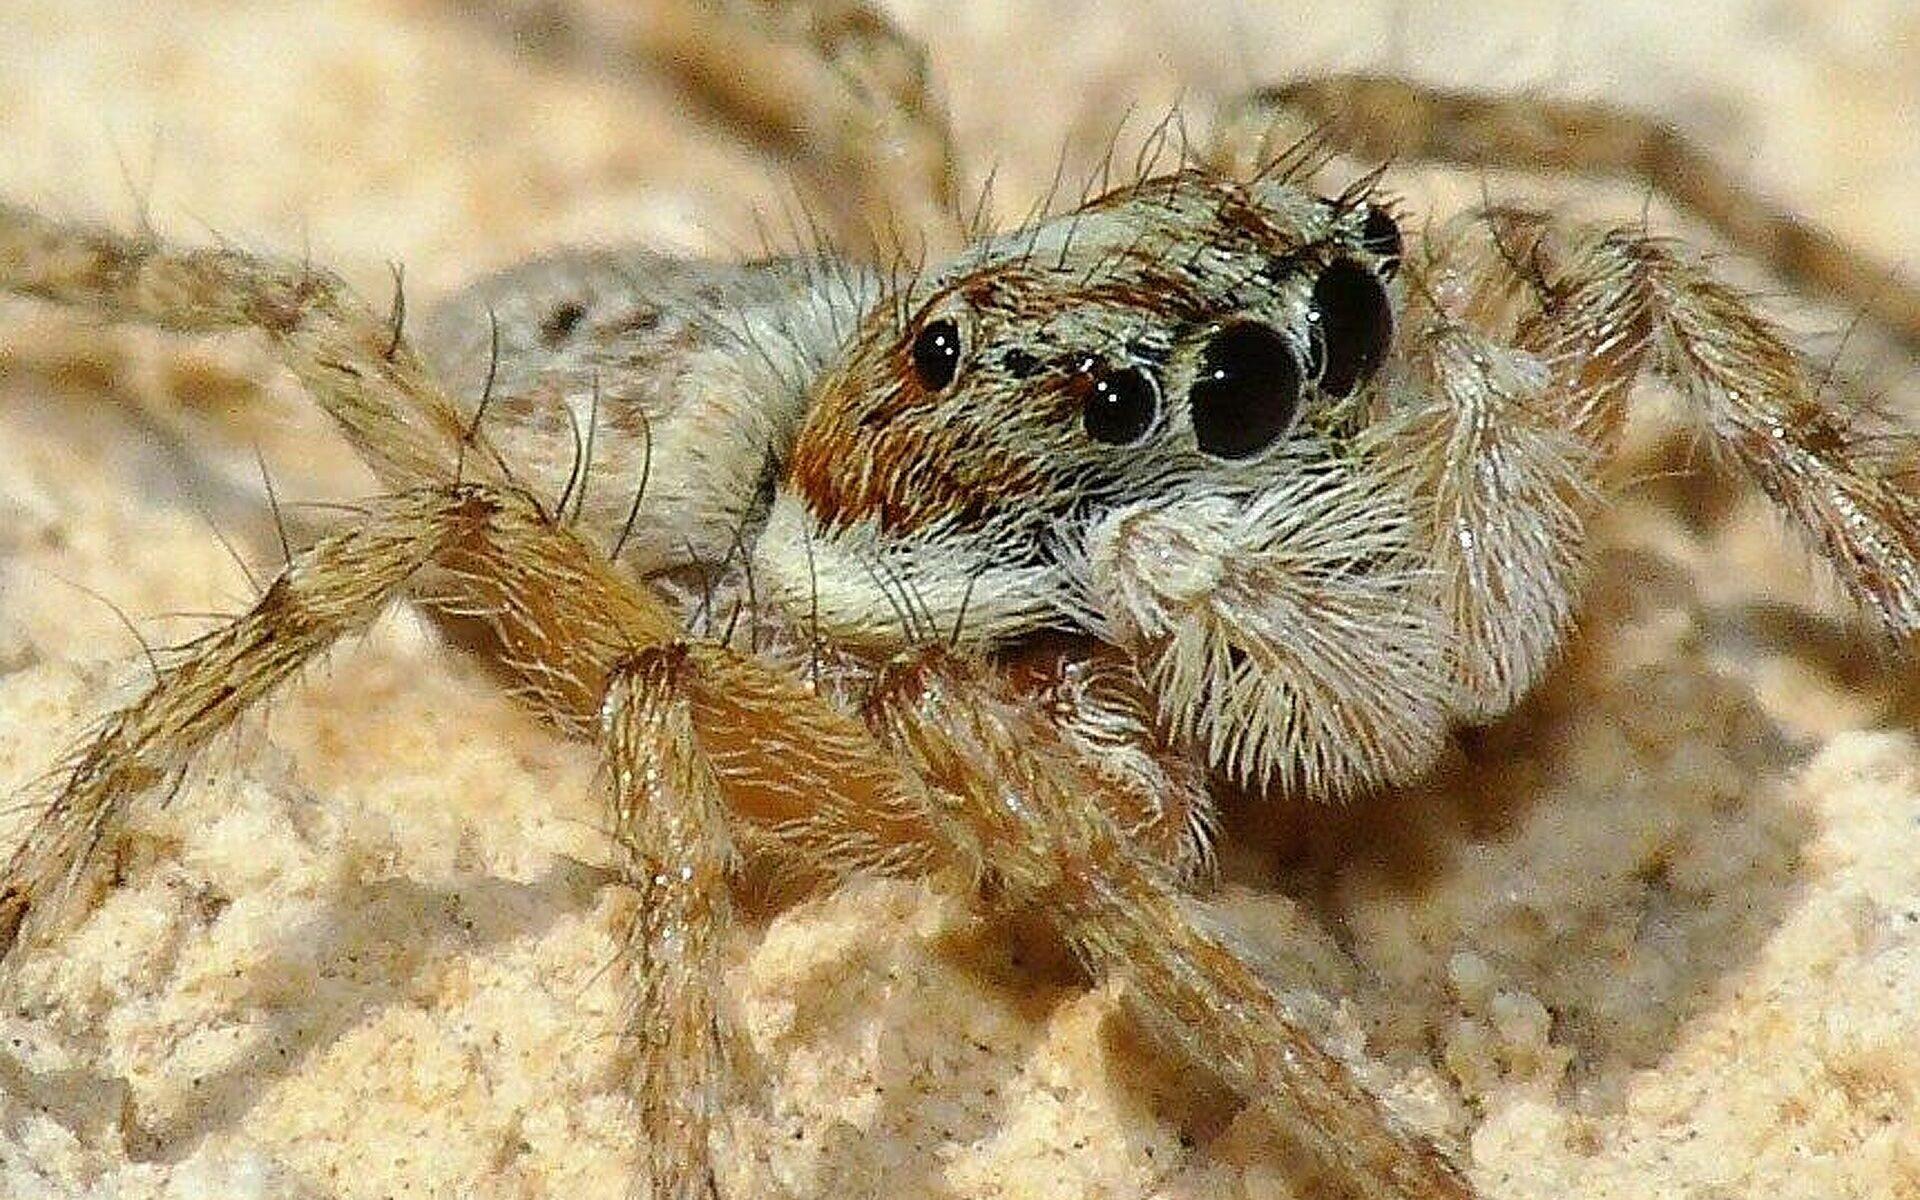 Las arañas saltarinas prueban que las habilidades cognitivas no son exclusivas de los vertebrados